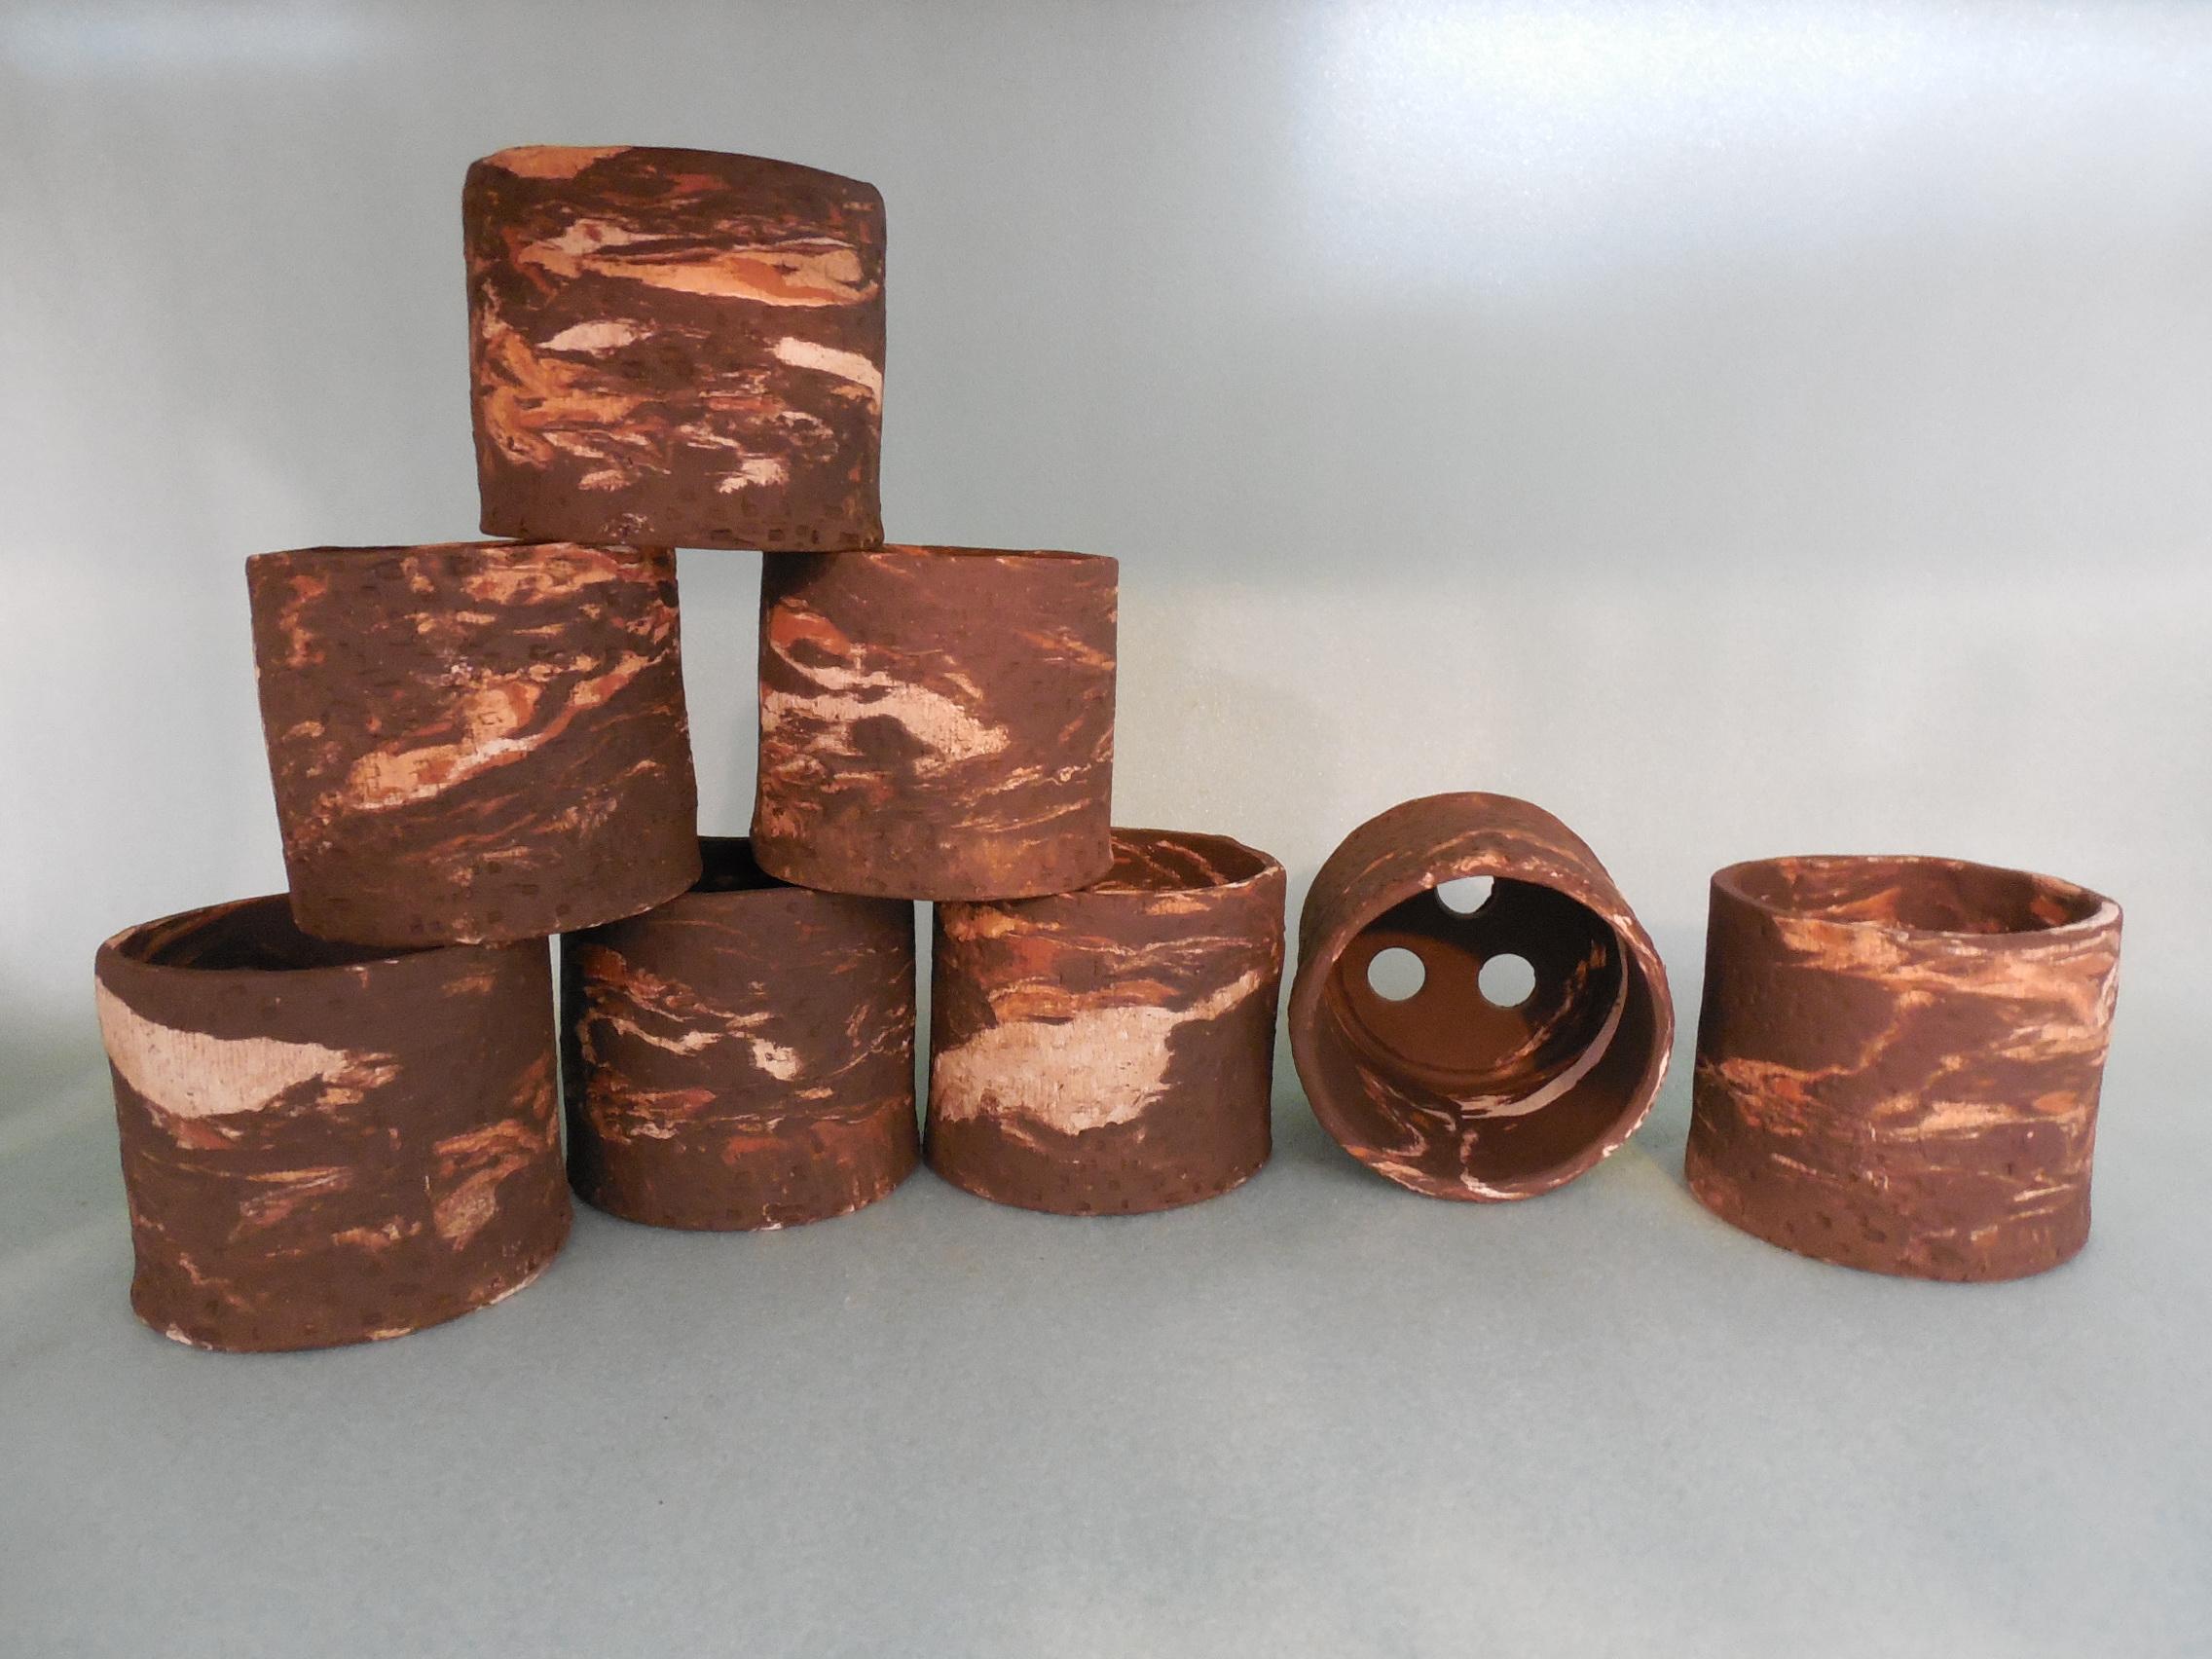 Doniczka Ceramiczna Do Akwarium 85cm Glonojad